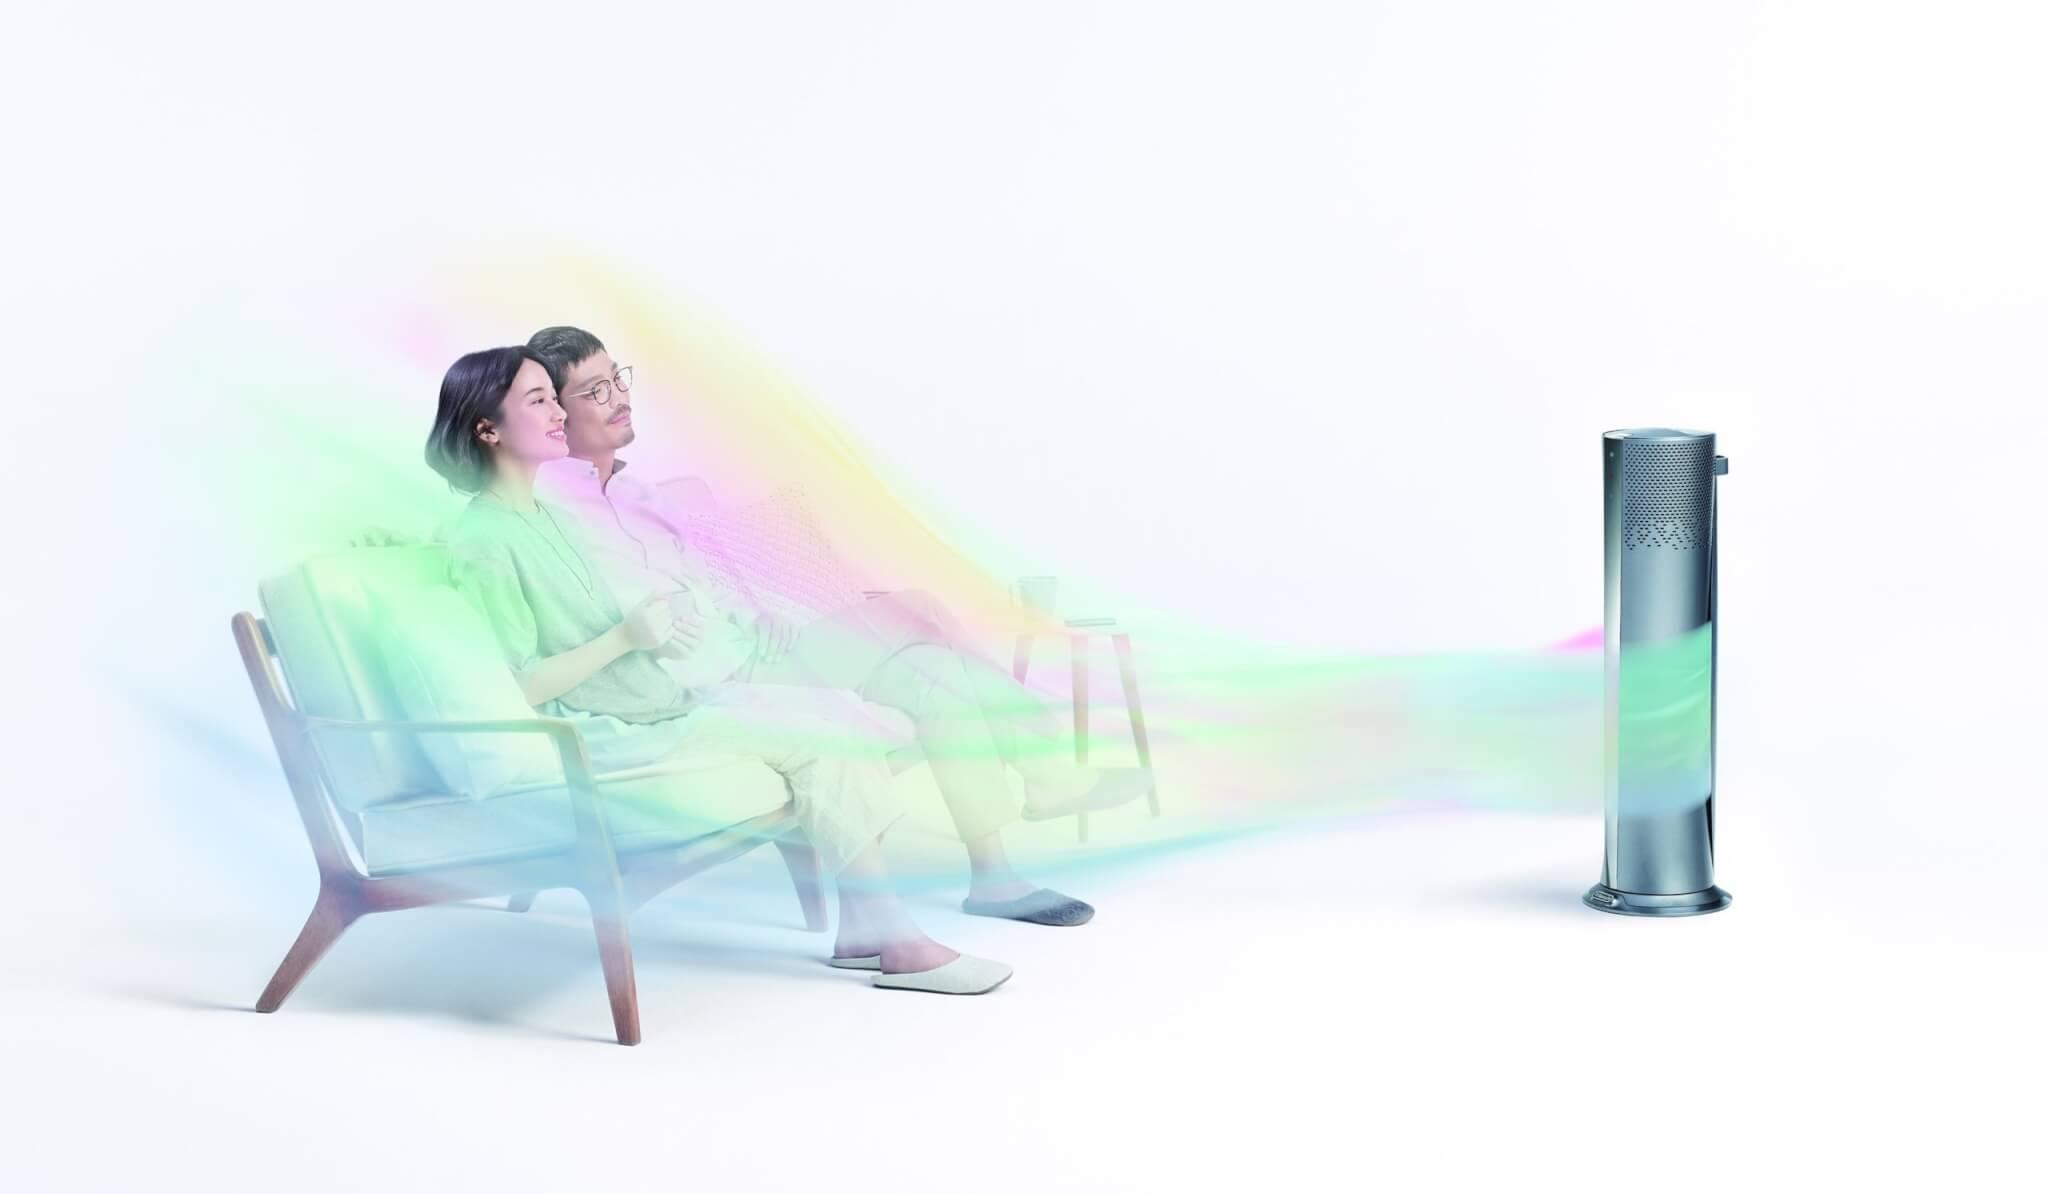 デロンギ「空気清浄機能付きファン」の特長 【温風】ふんわり穏やかに暖める